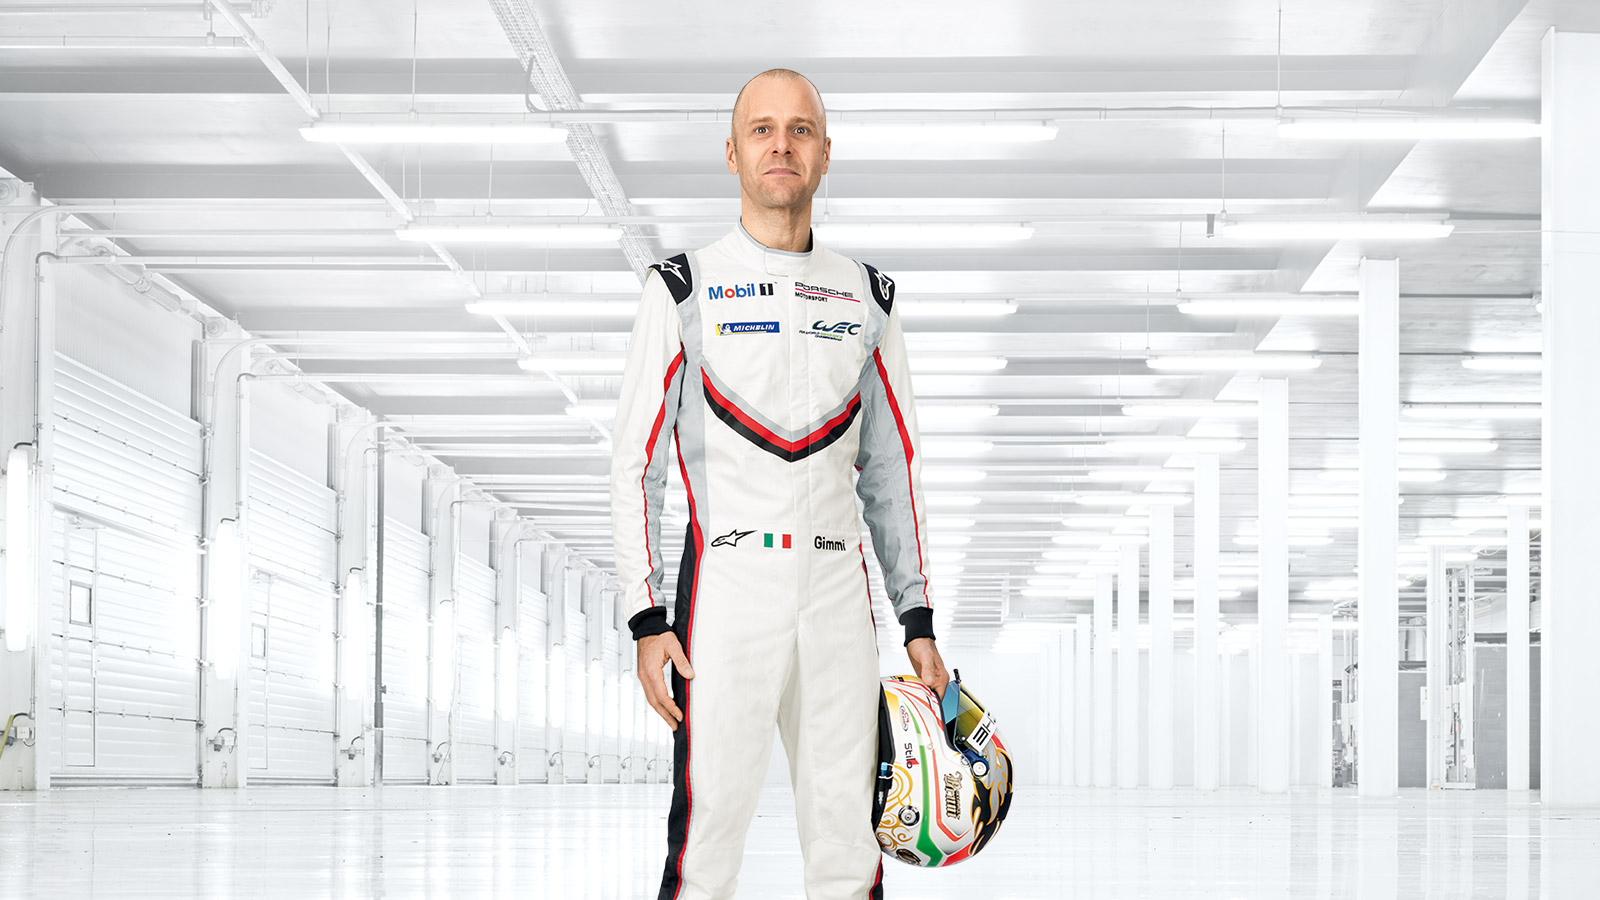 Porsche - Gianmaria Bruni Car No. 91